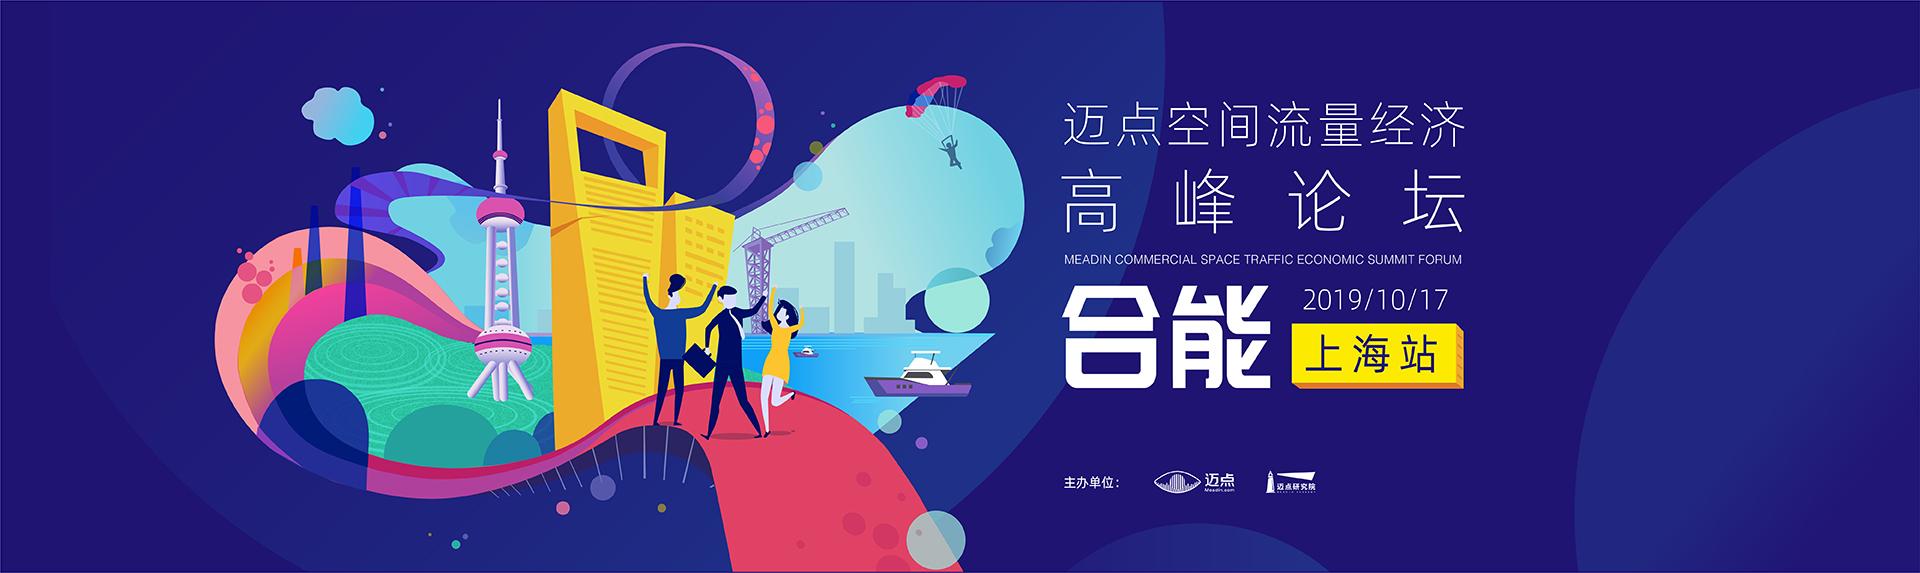 """""""空间流量经济""""高峰论坛——合能·上海站"""